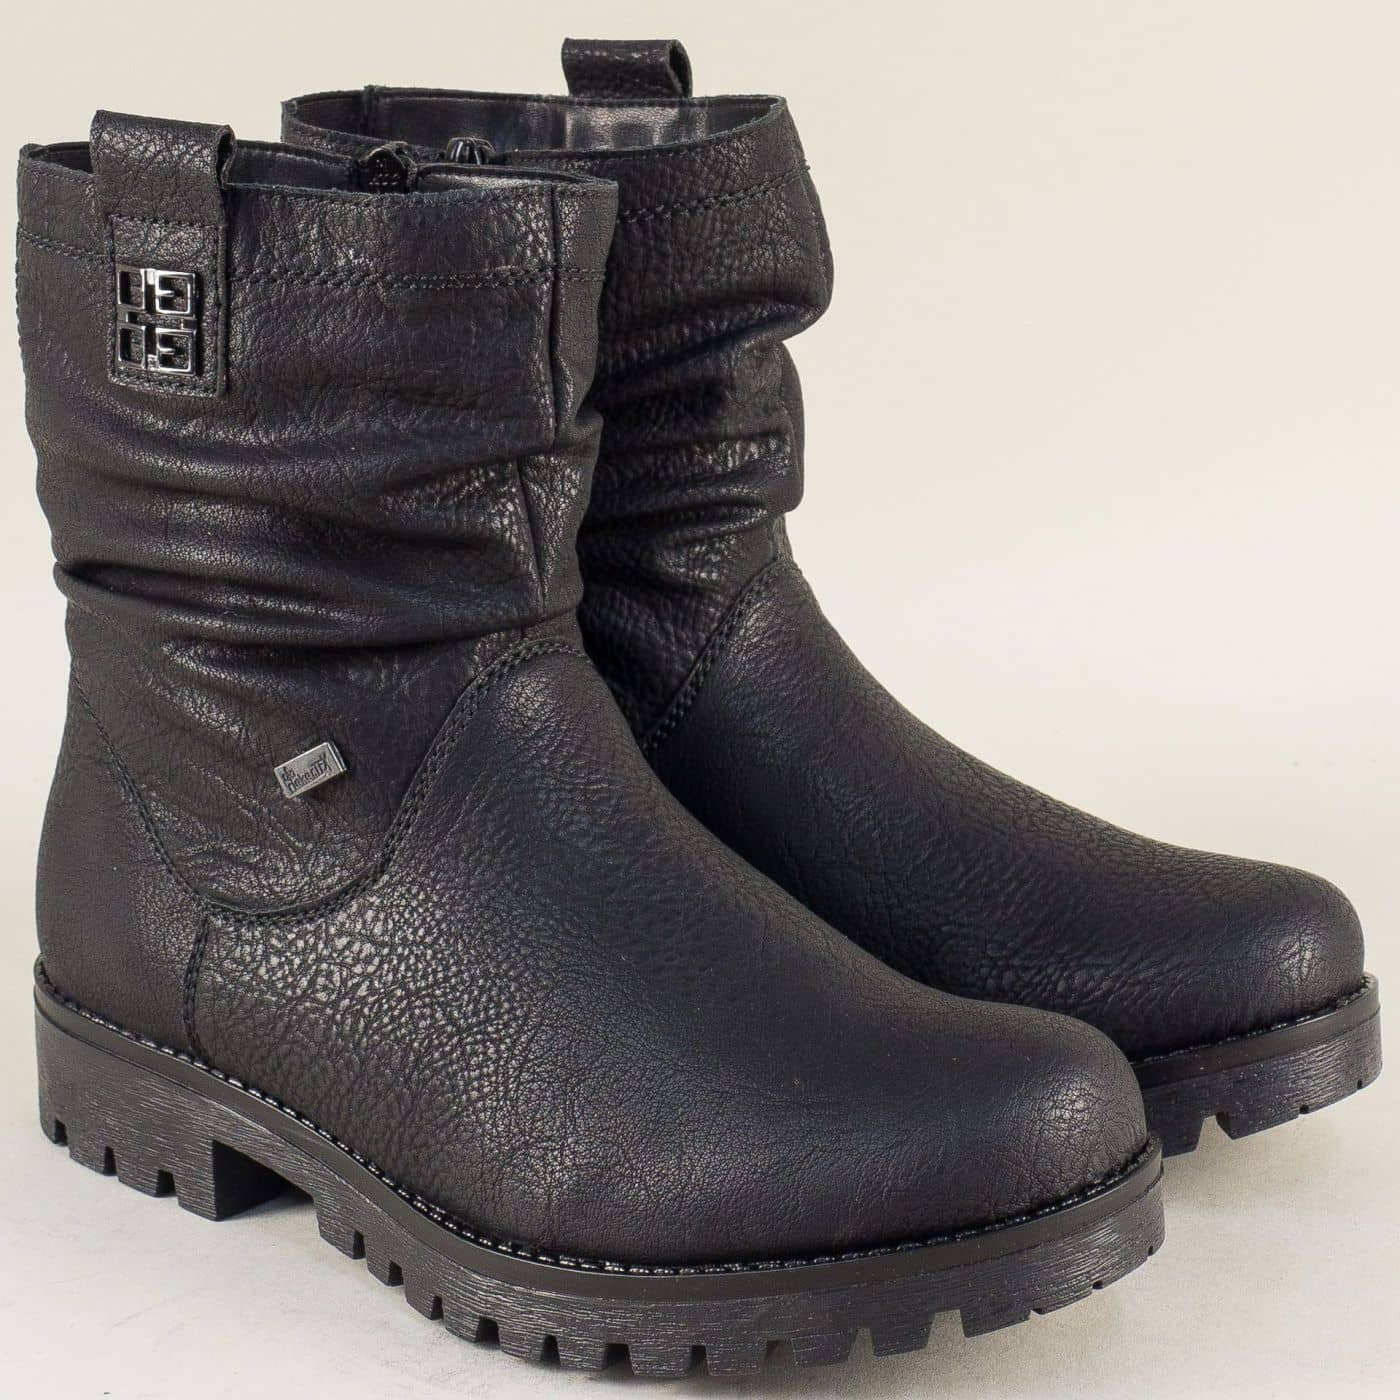 37ec9a1aecd Дамски боти в черен цвят с топъл хастар на нисък ток 78571ch - Sisi-bg.com